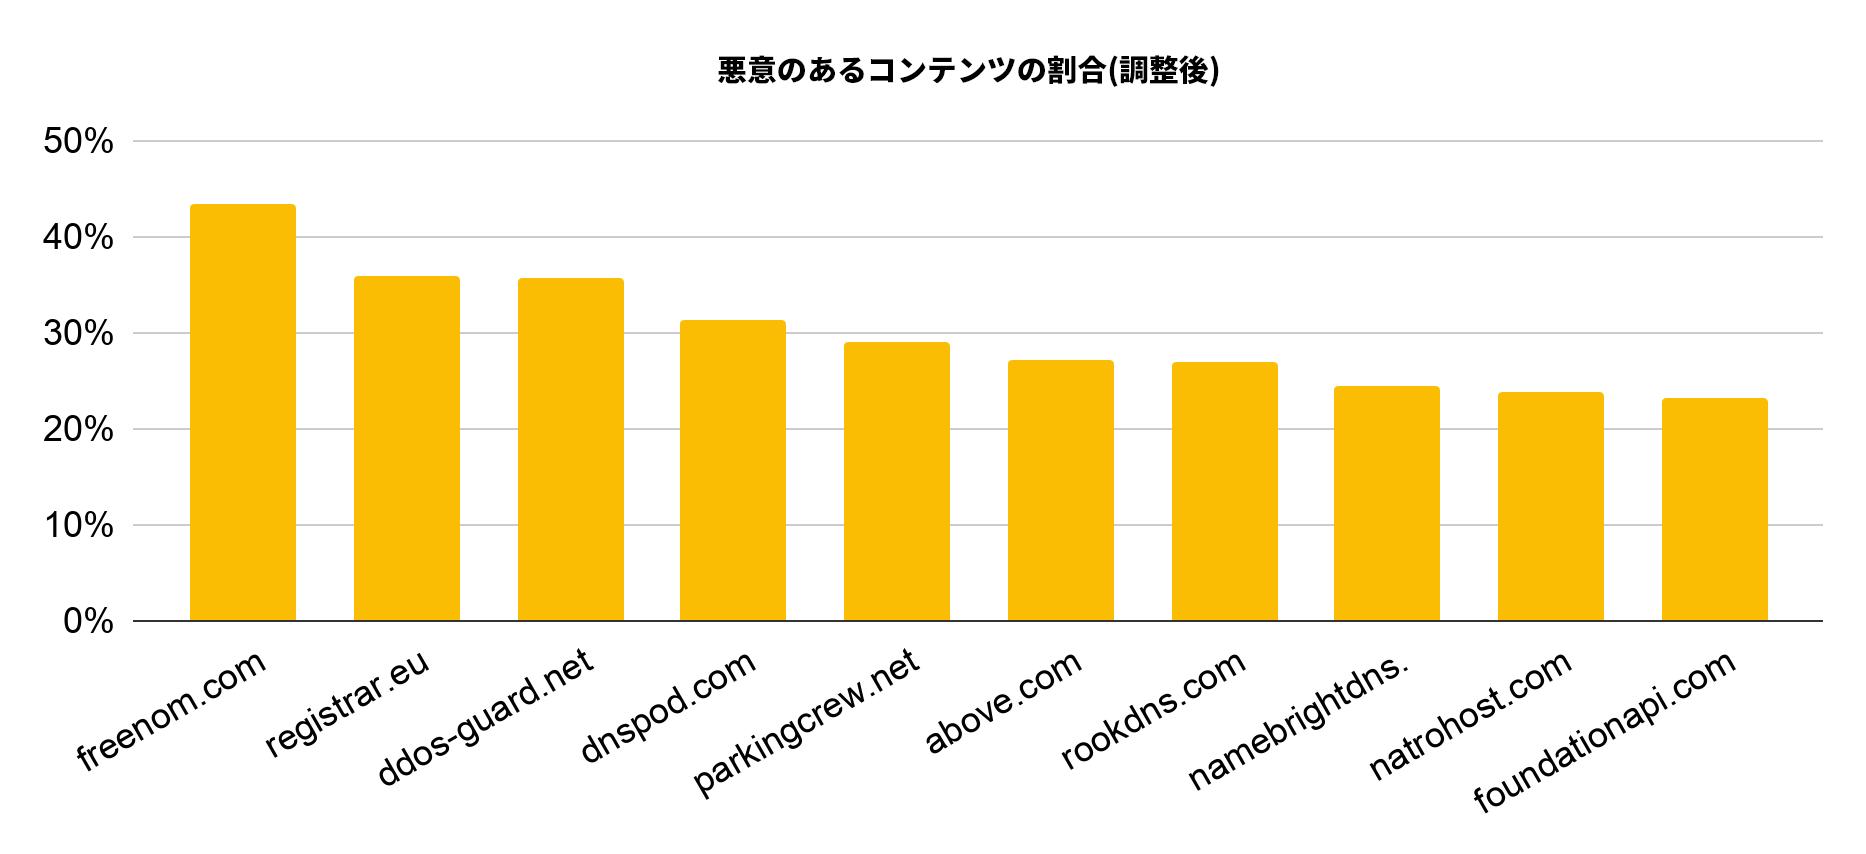 調整悪質率によりランク付けされた、2019年12月にサイバースクワッティングにより最も悪用された上位10社のDNSサービスは、freenom.com、registrar.eu、ddos-guard.net、dnspod.com、parkingcrew.net、above.com、rookdns.com、namebrightdns、natrohost.com、およびfoundationapi.comです。